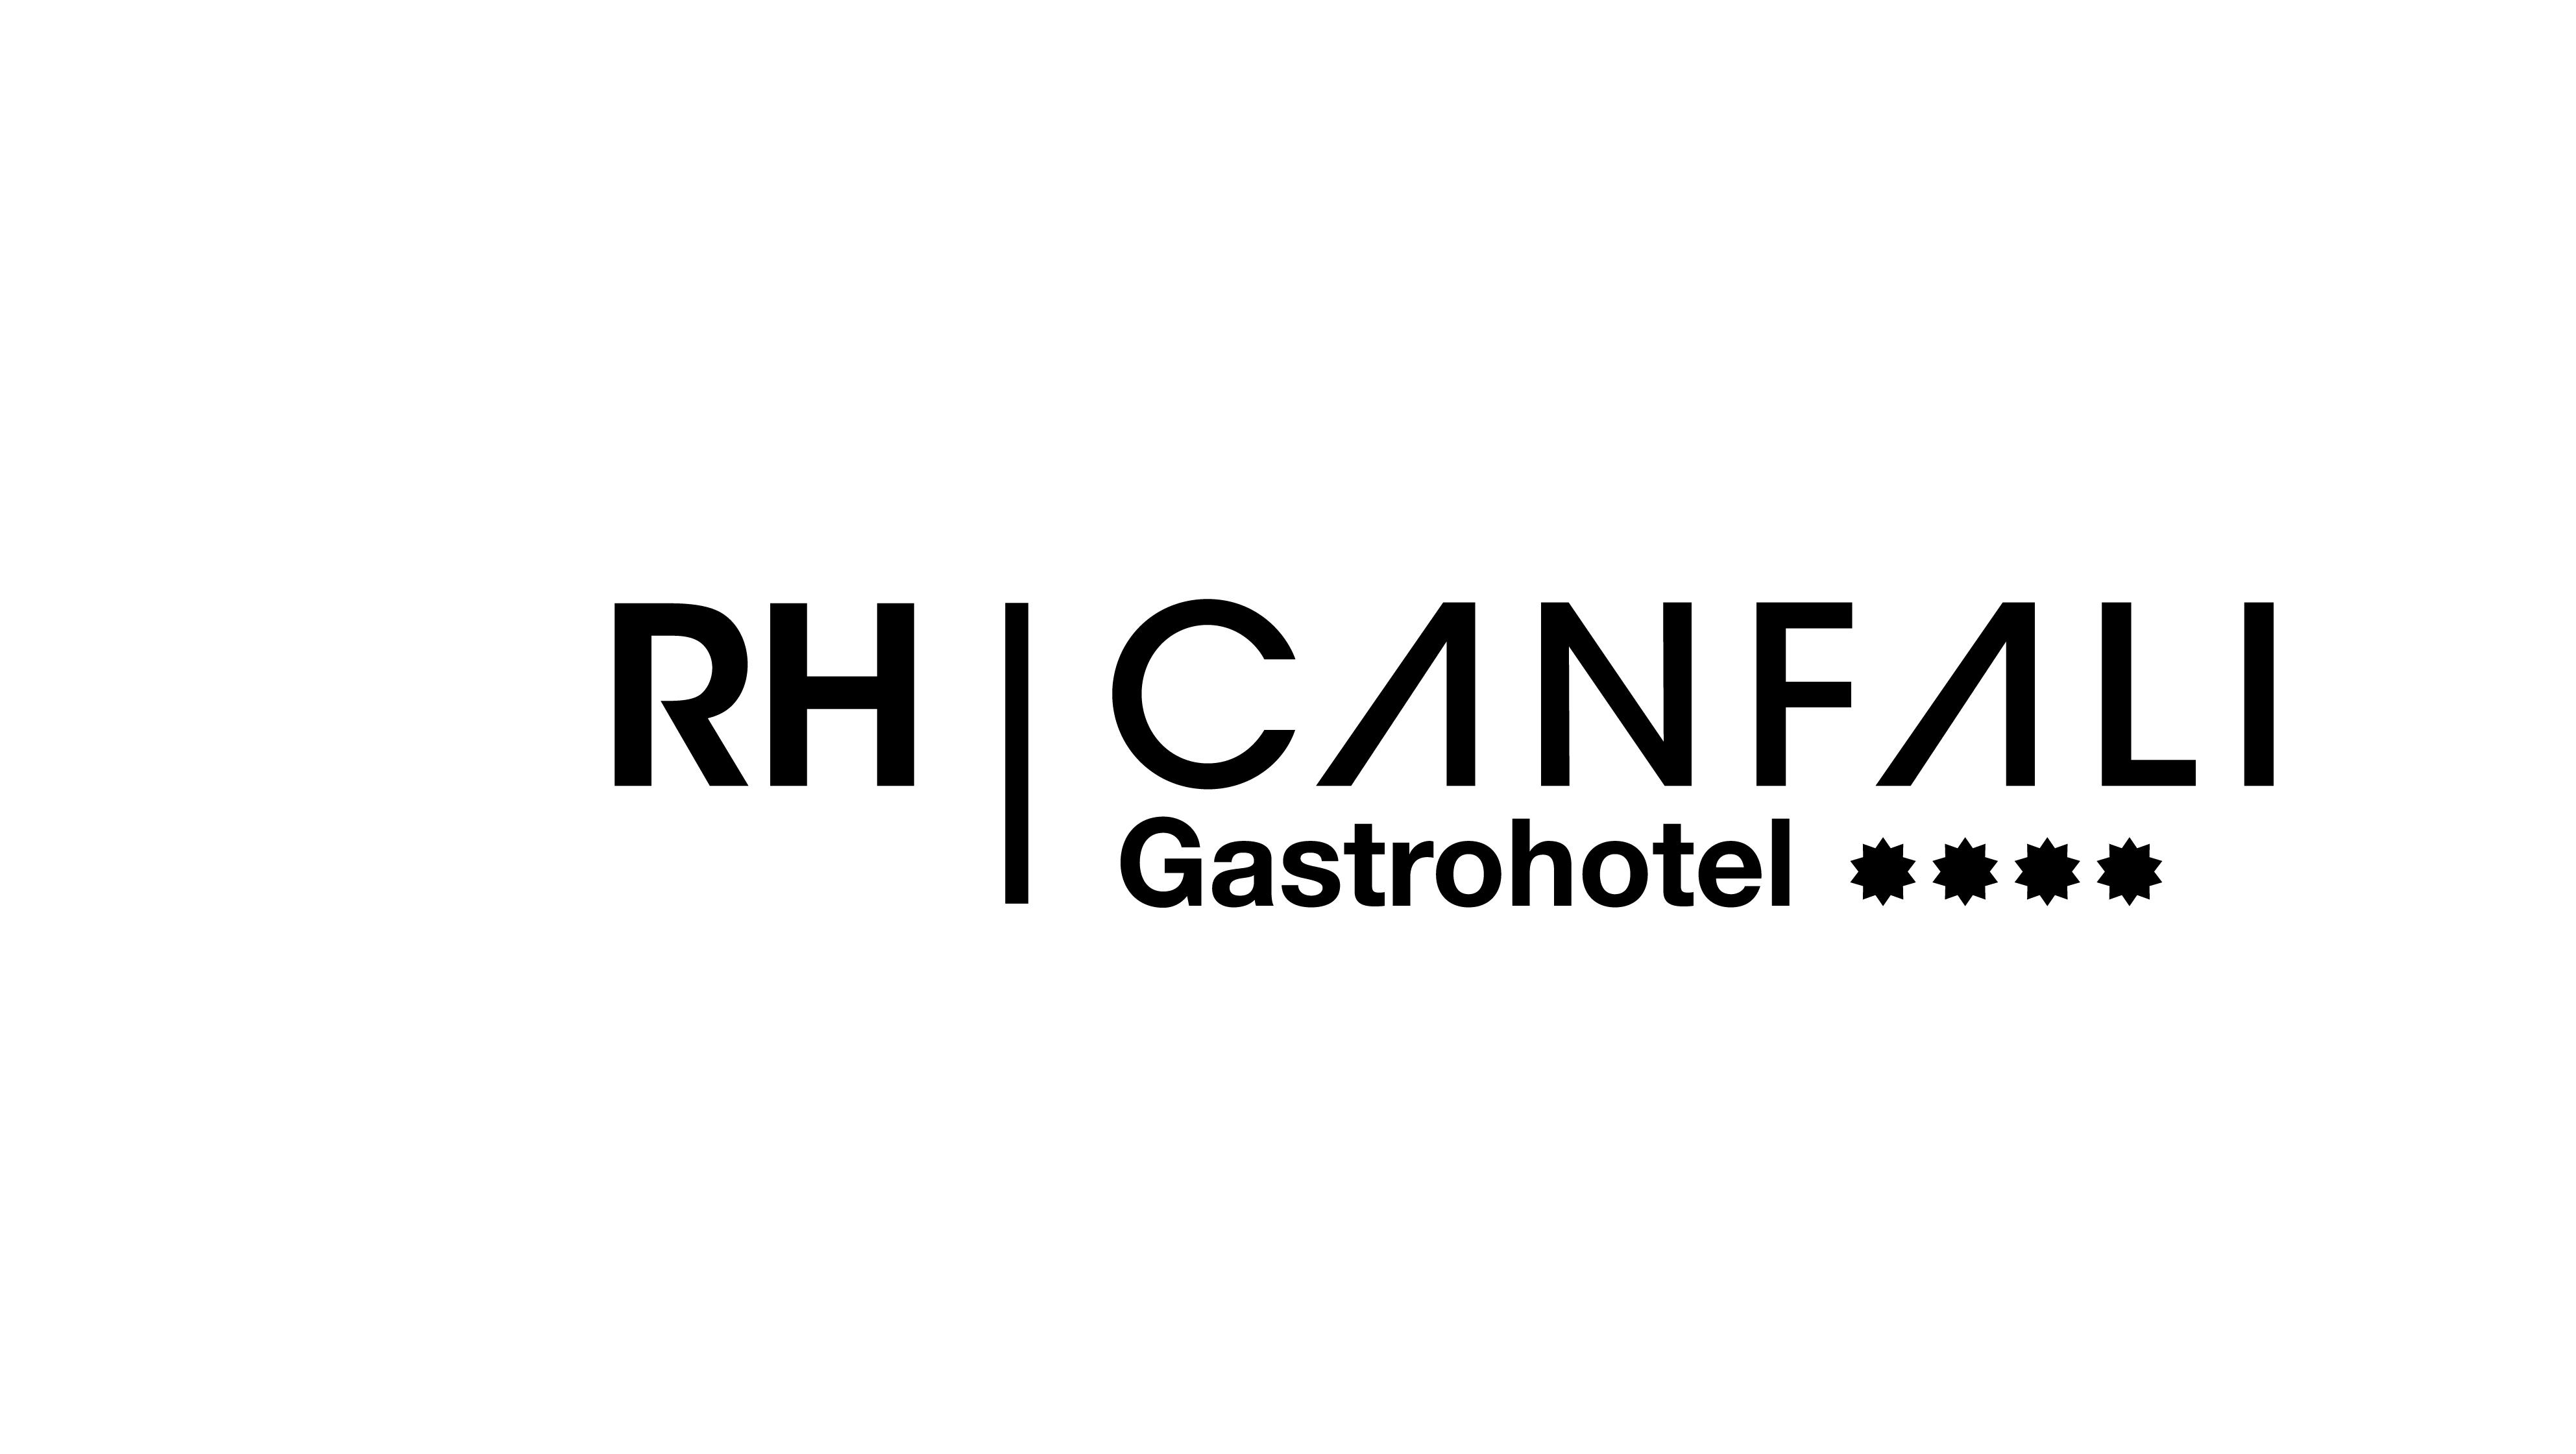 Gastrohotel RH Canfali